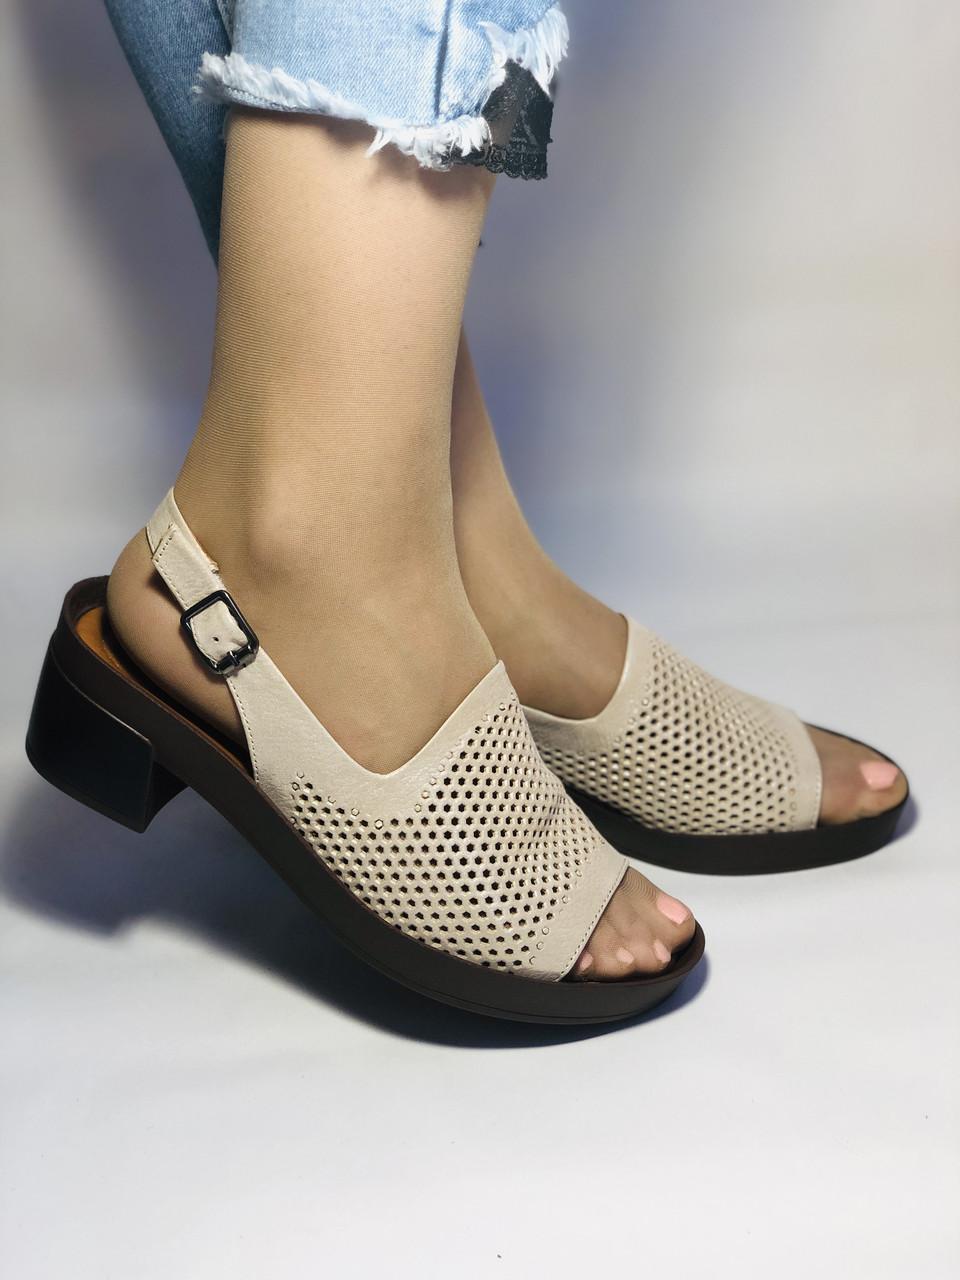 Женские босоножки на невысоком каблуке. 36, 38. Турция.Vellena